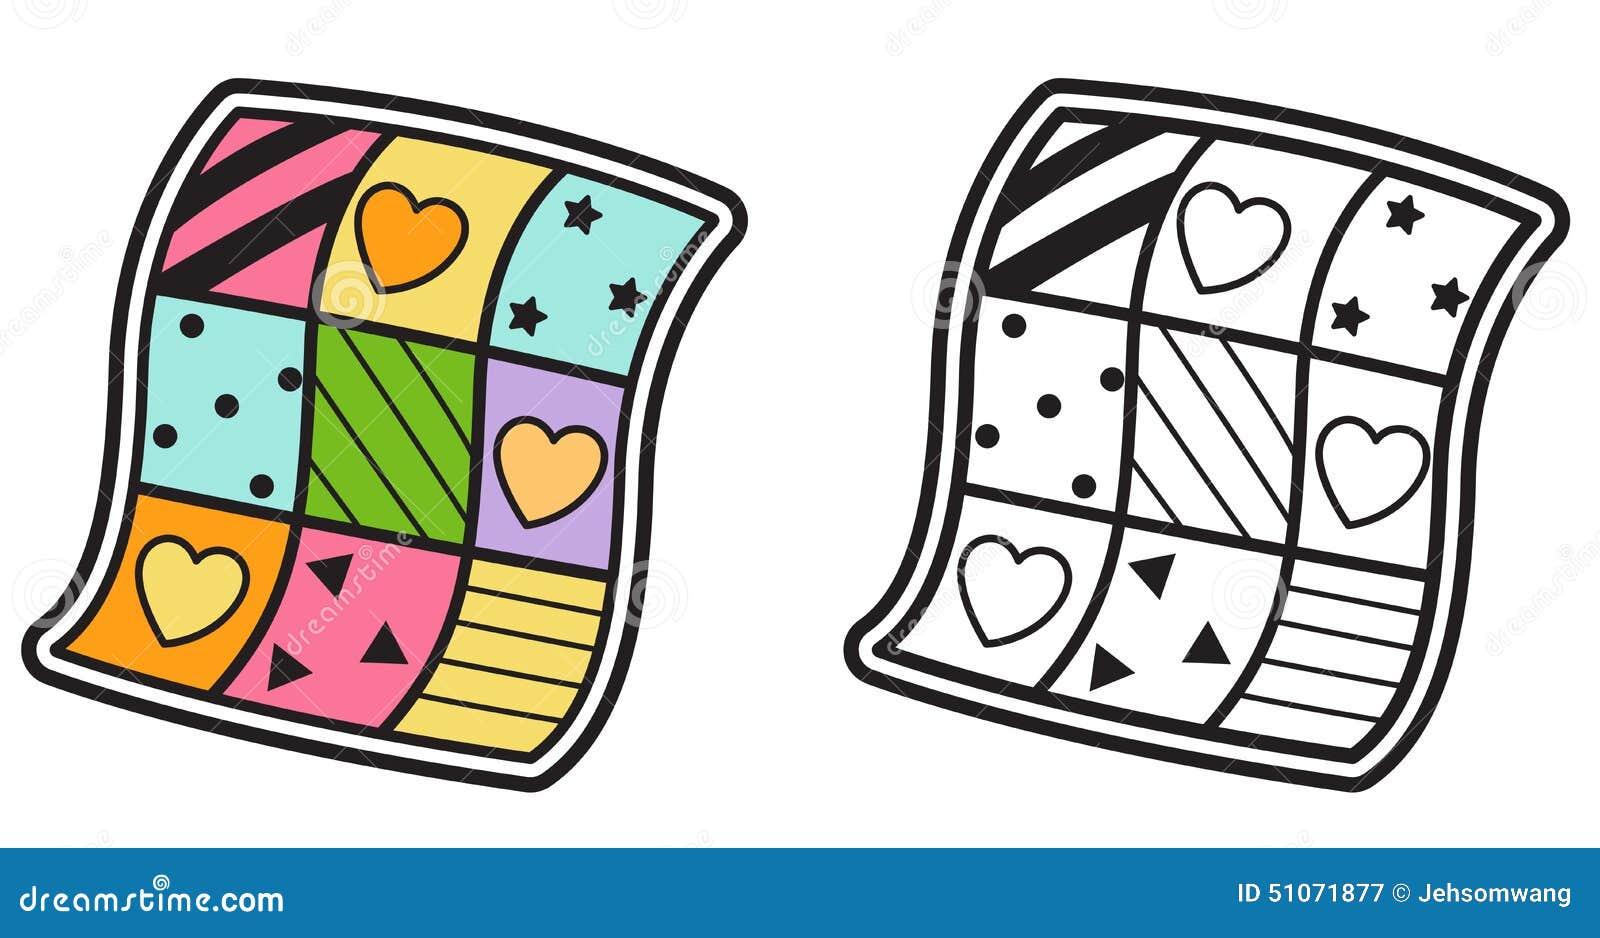 раскраска одеяло для ванюши рассказ каждой бутылочке